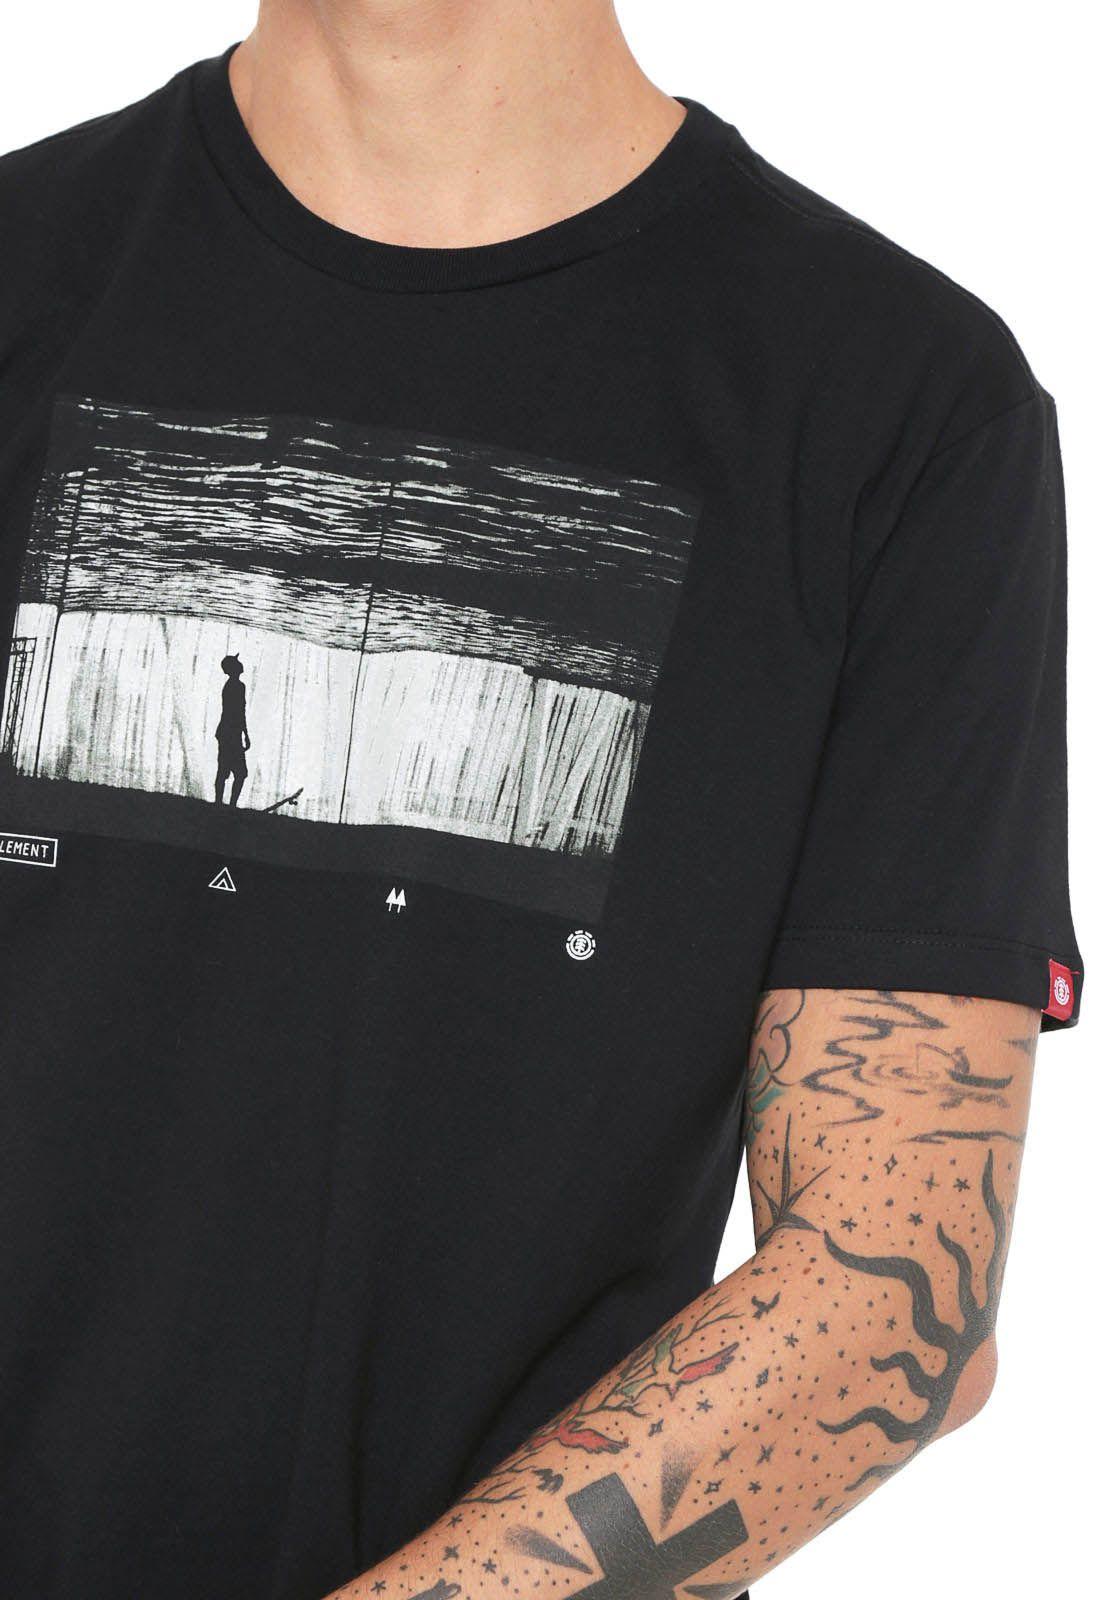 Camiseta Element Liquid Preta unissex